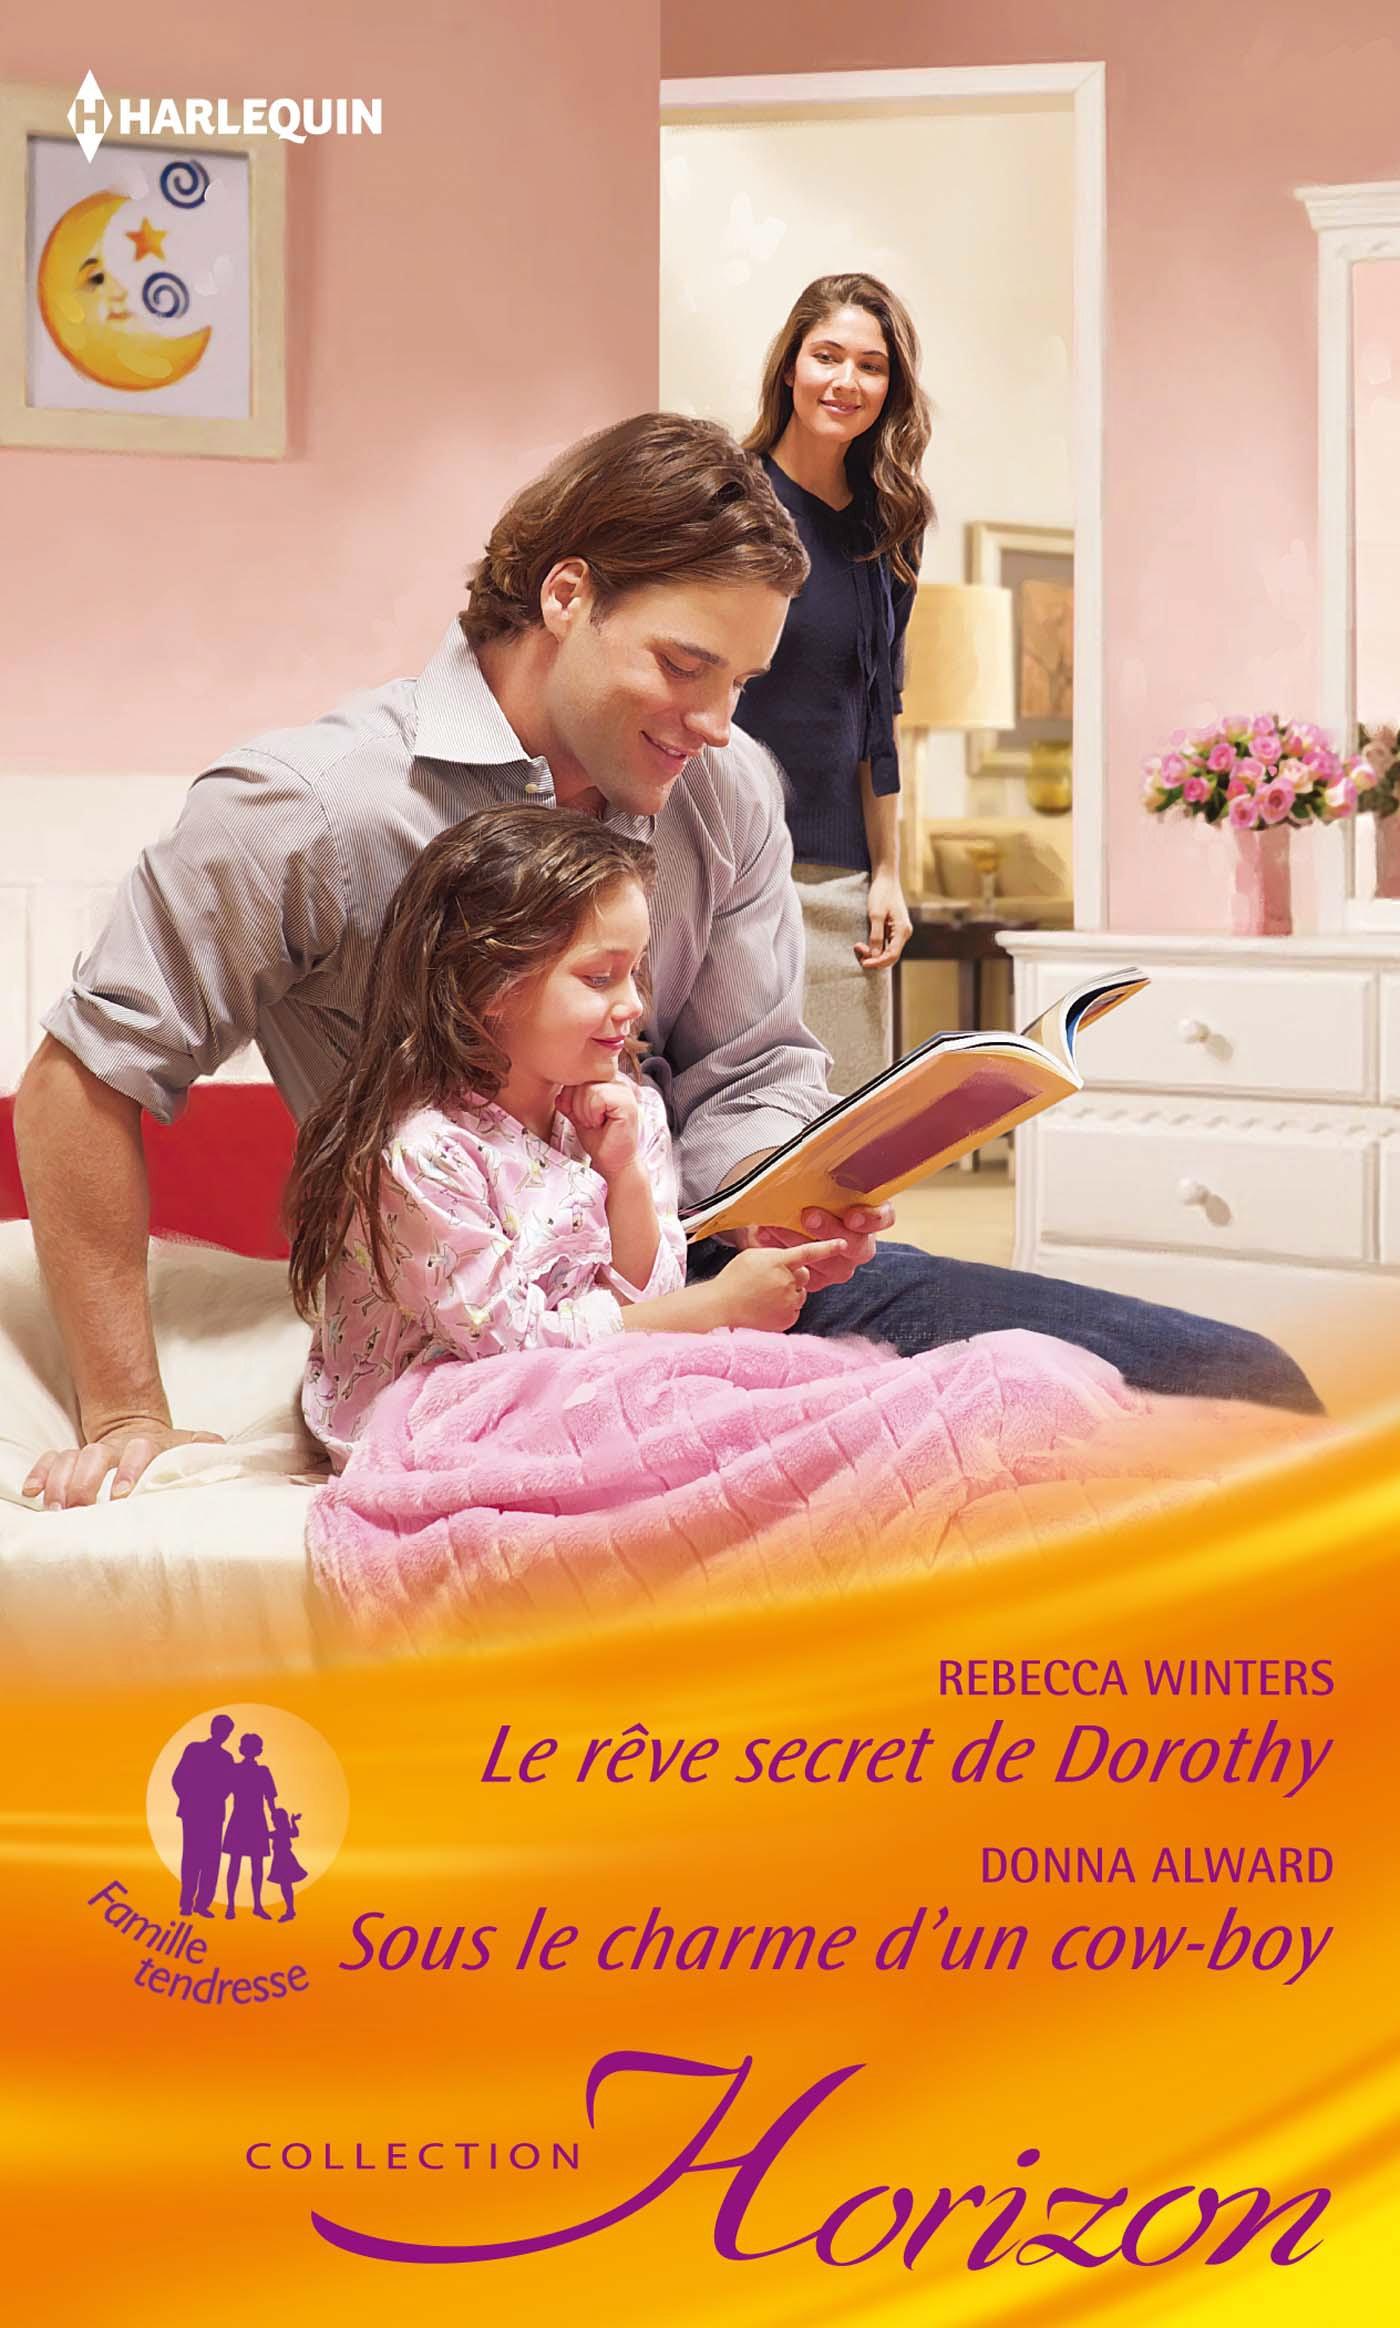 Harlequin le r ve secret de dorothy sous le charme d - Coup de coeur nora roberts ...